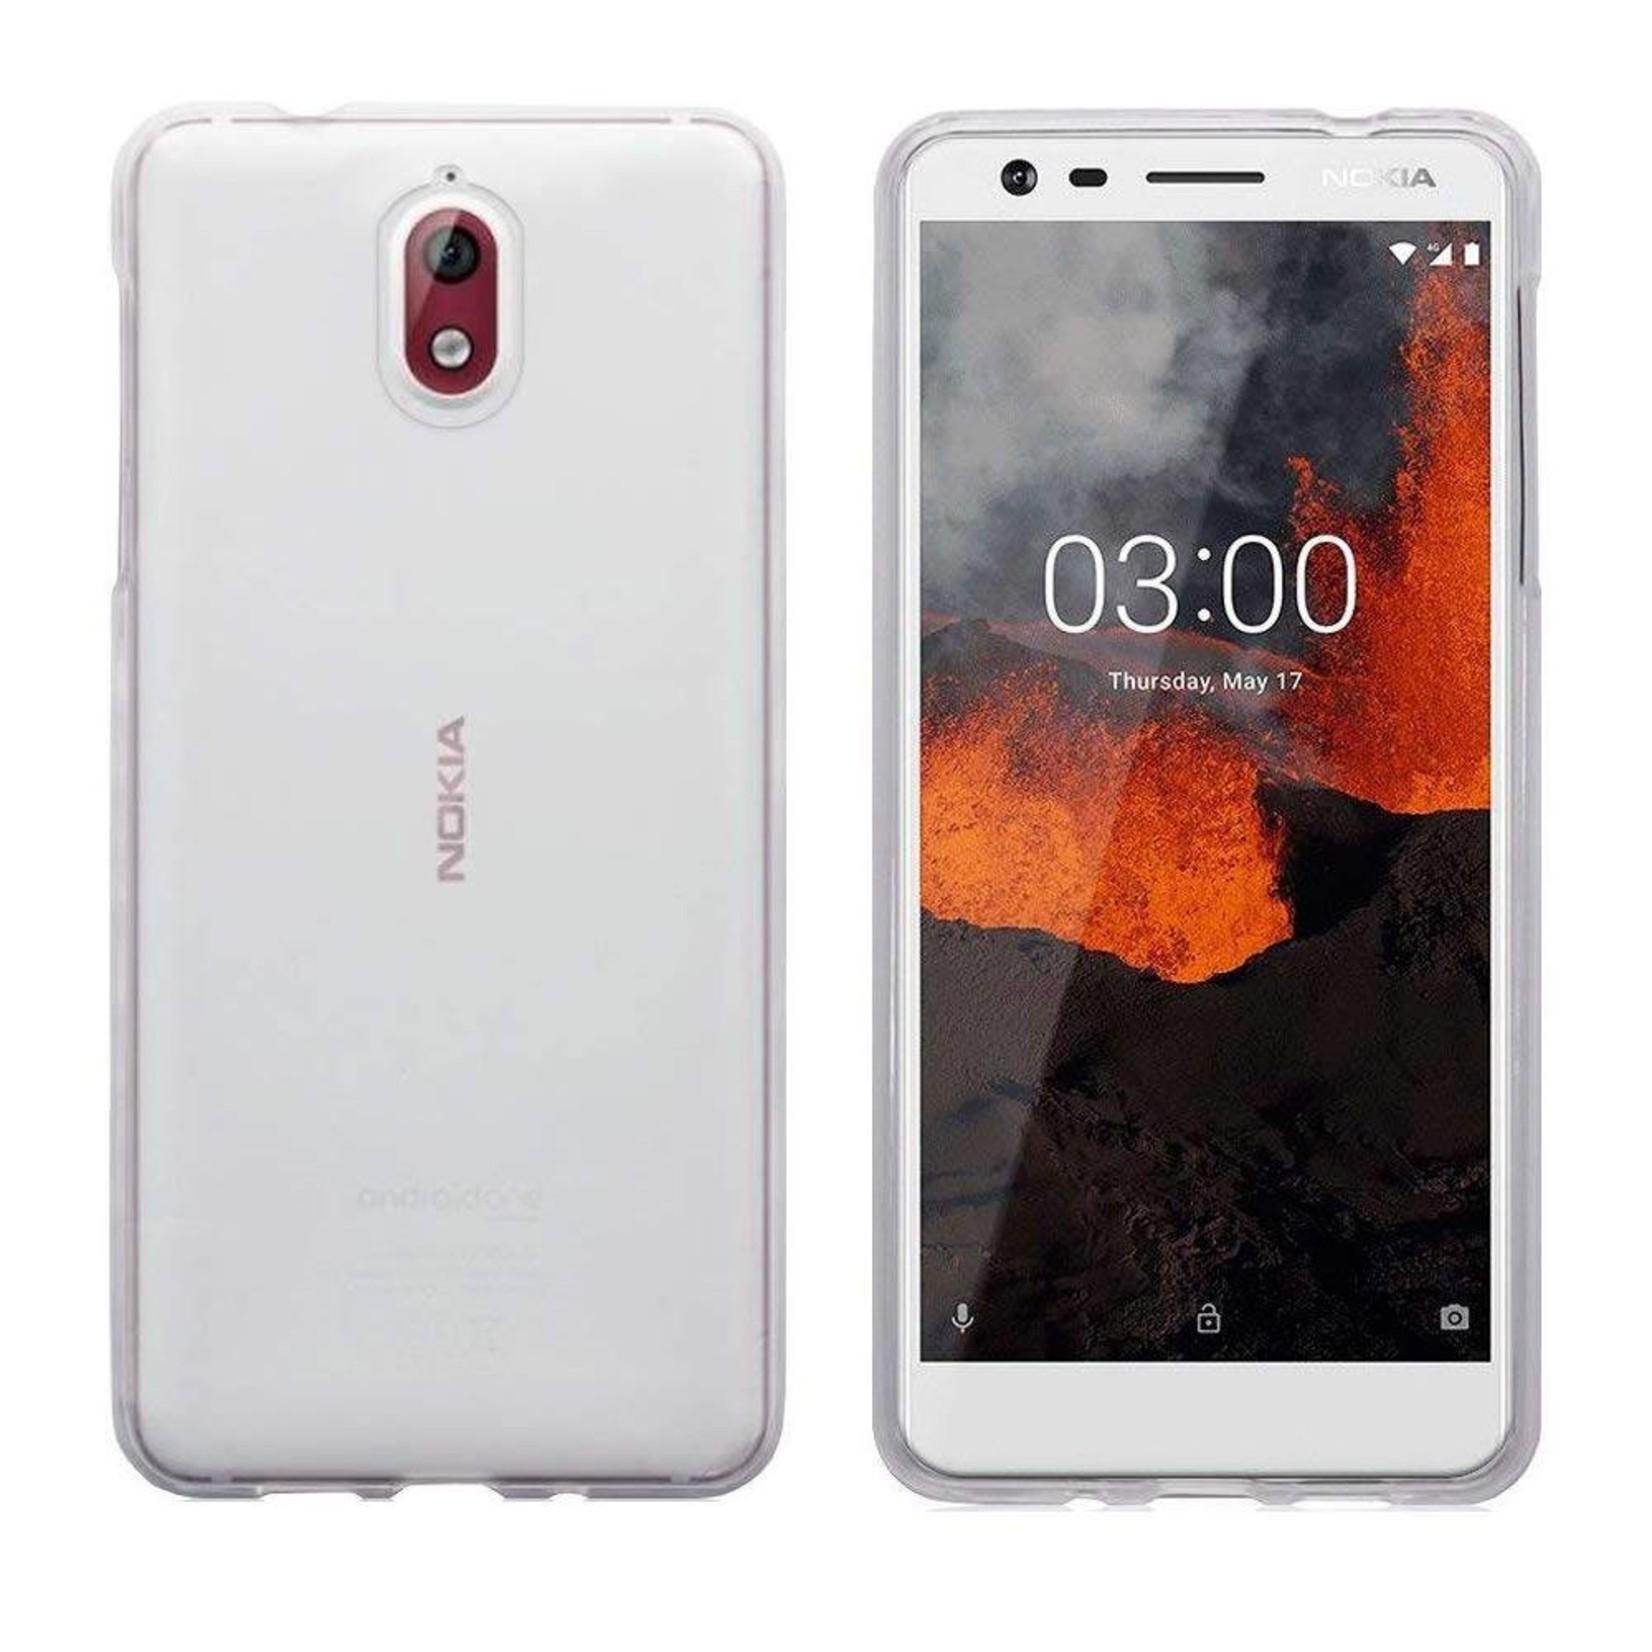 Colorfone Hoesje CoolSkin3T voor Nokia 3.1 Tr. Wit